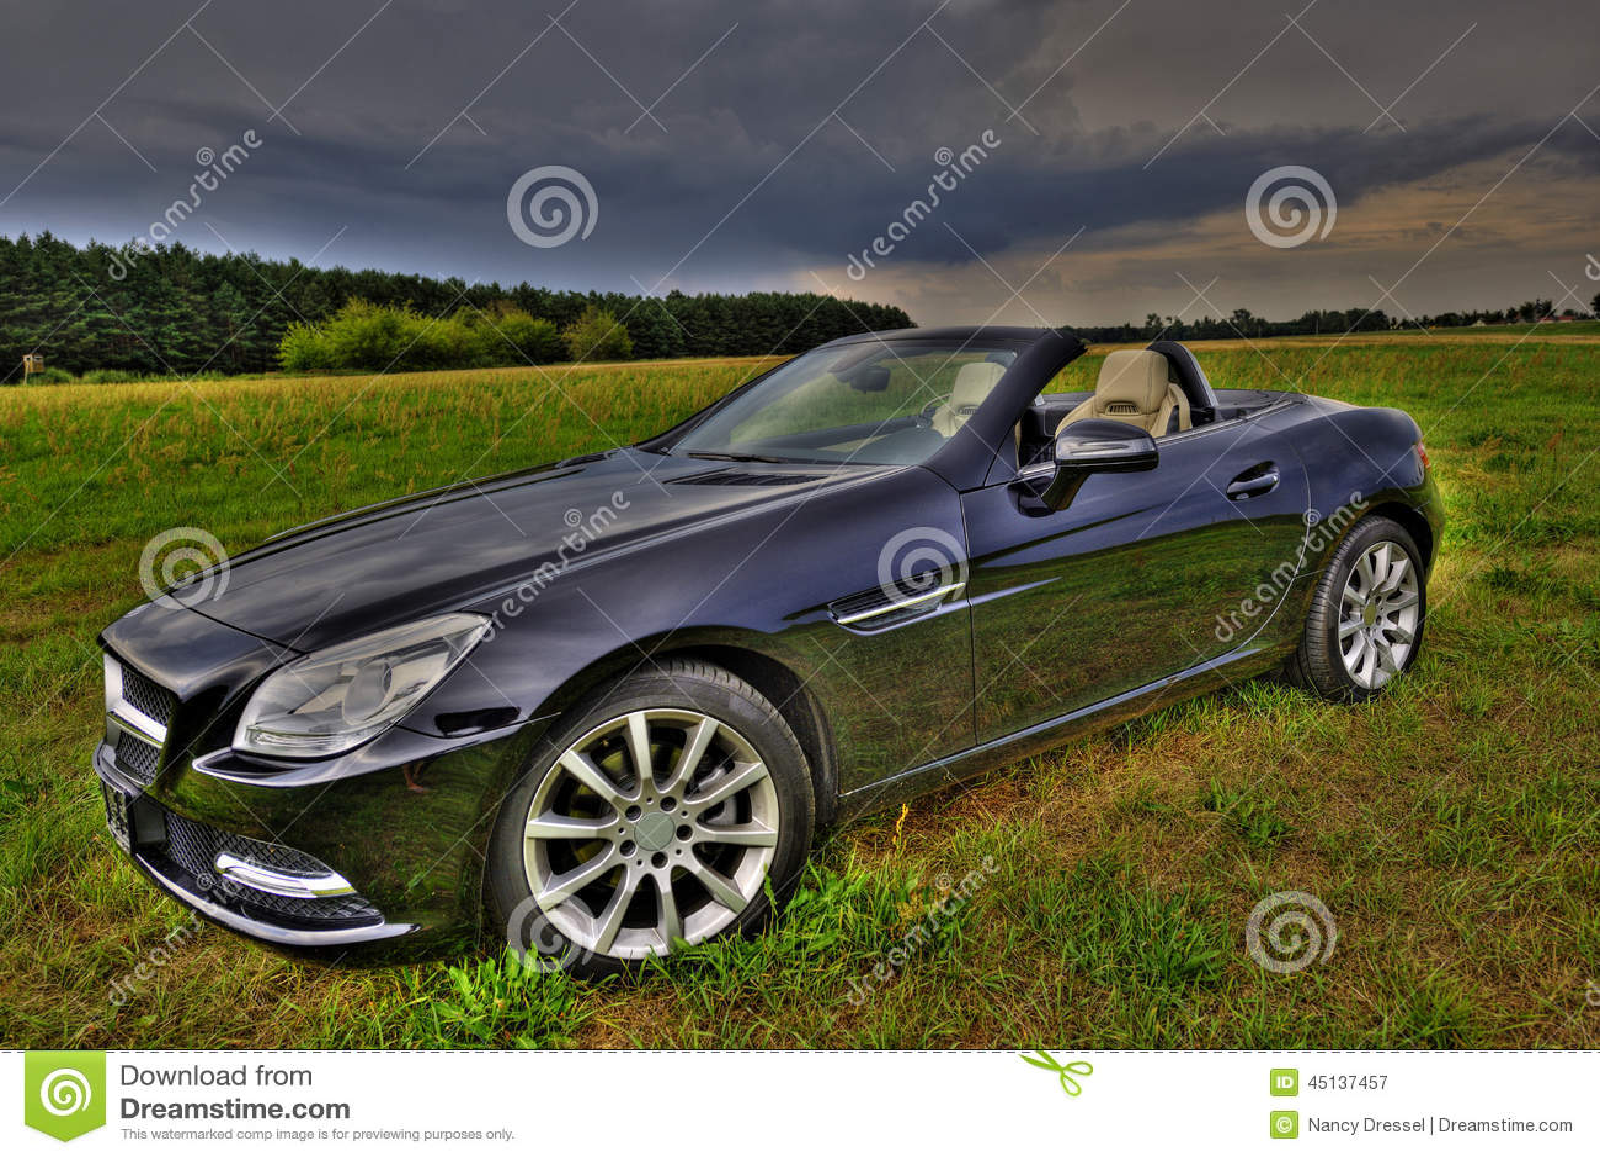 mercedes slk 200 cabrio stock image image of diesel 45137457. Black Bedroom Furniture Sets. Home Design Ideas